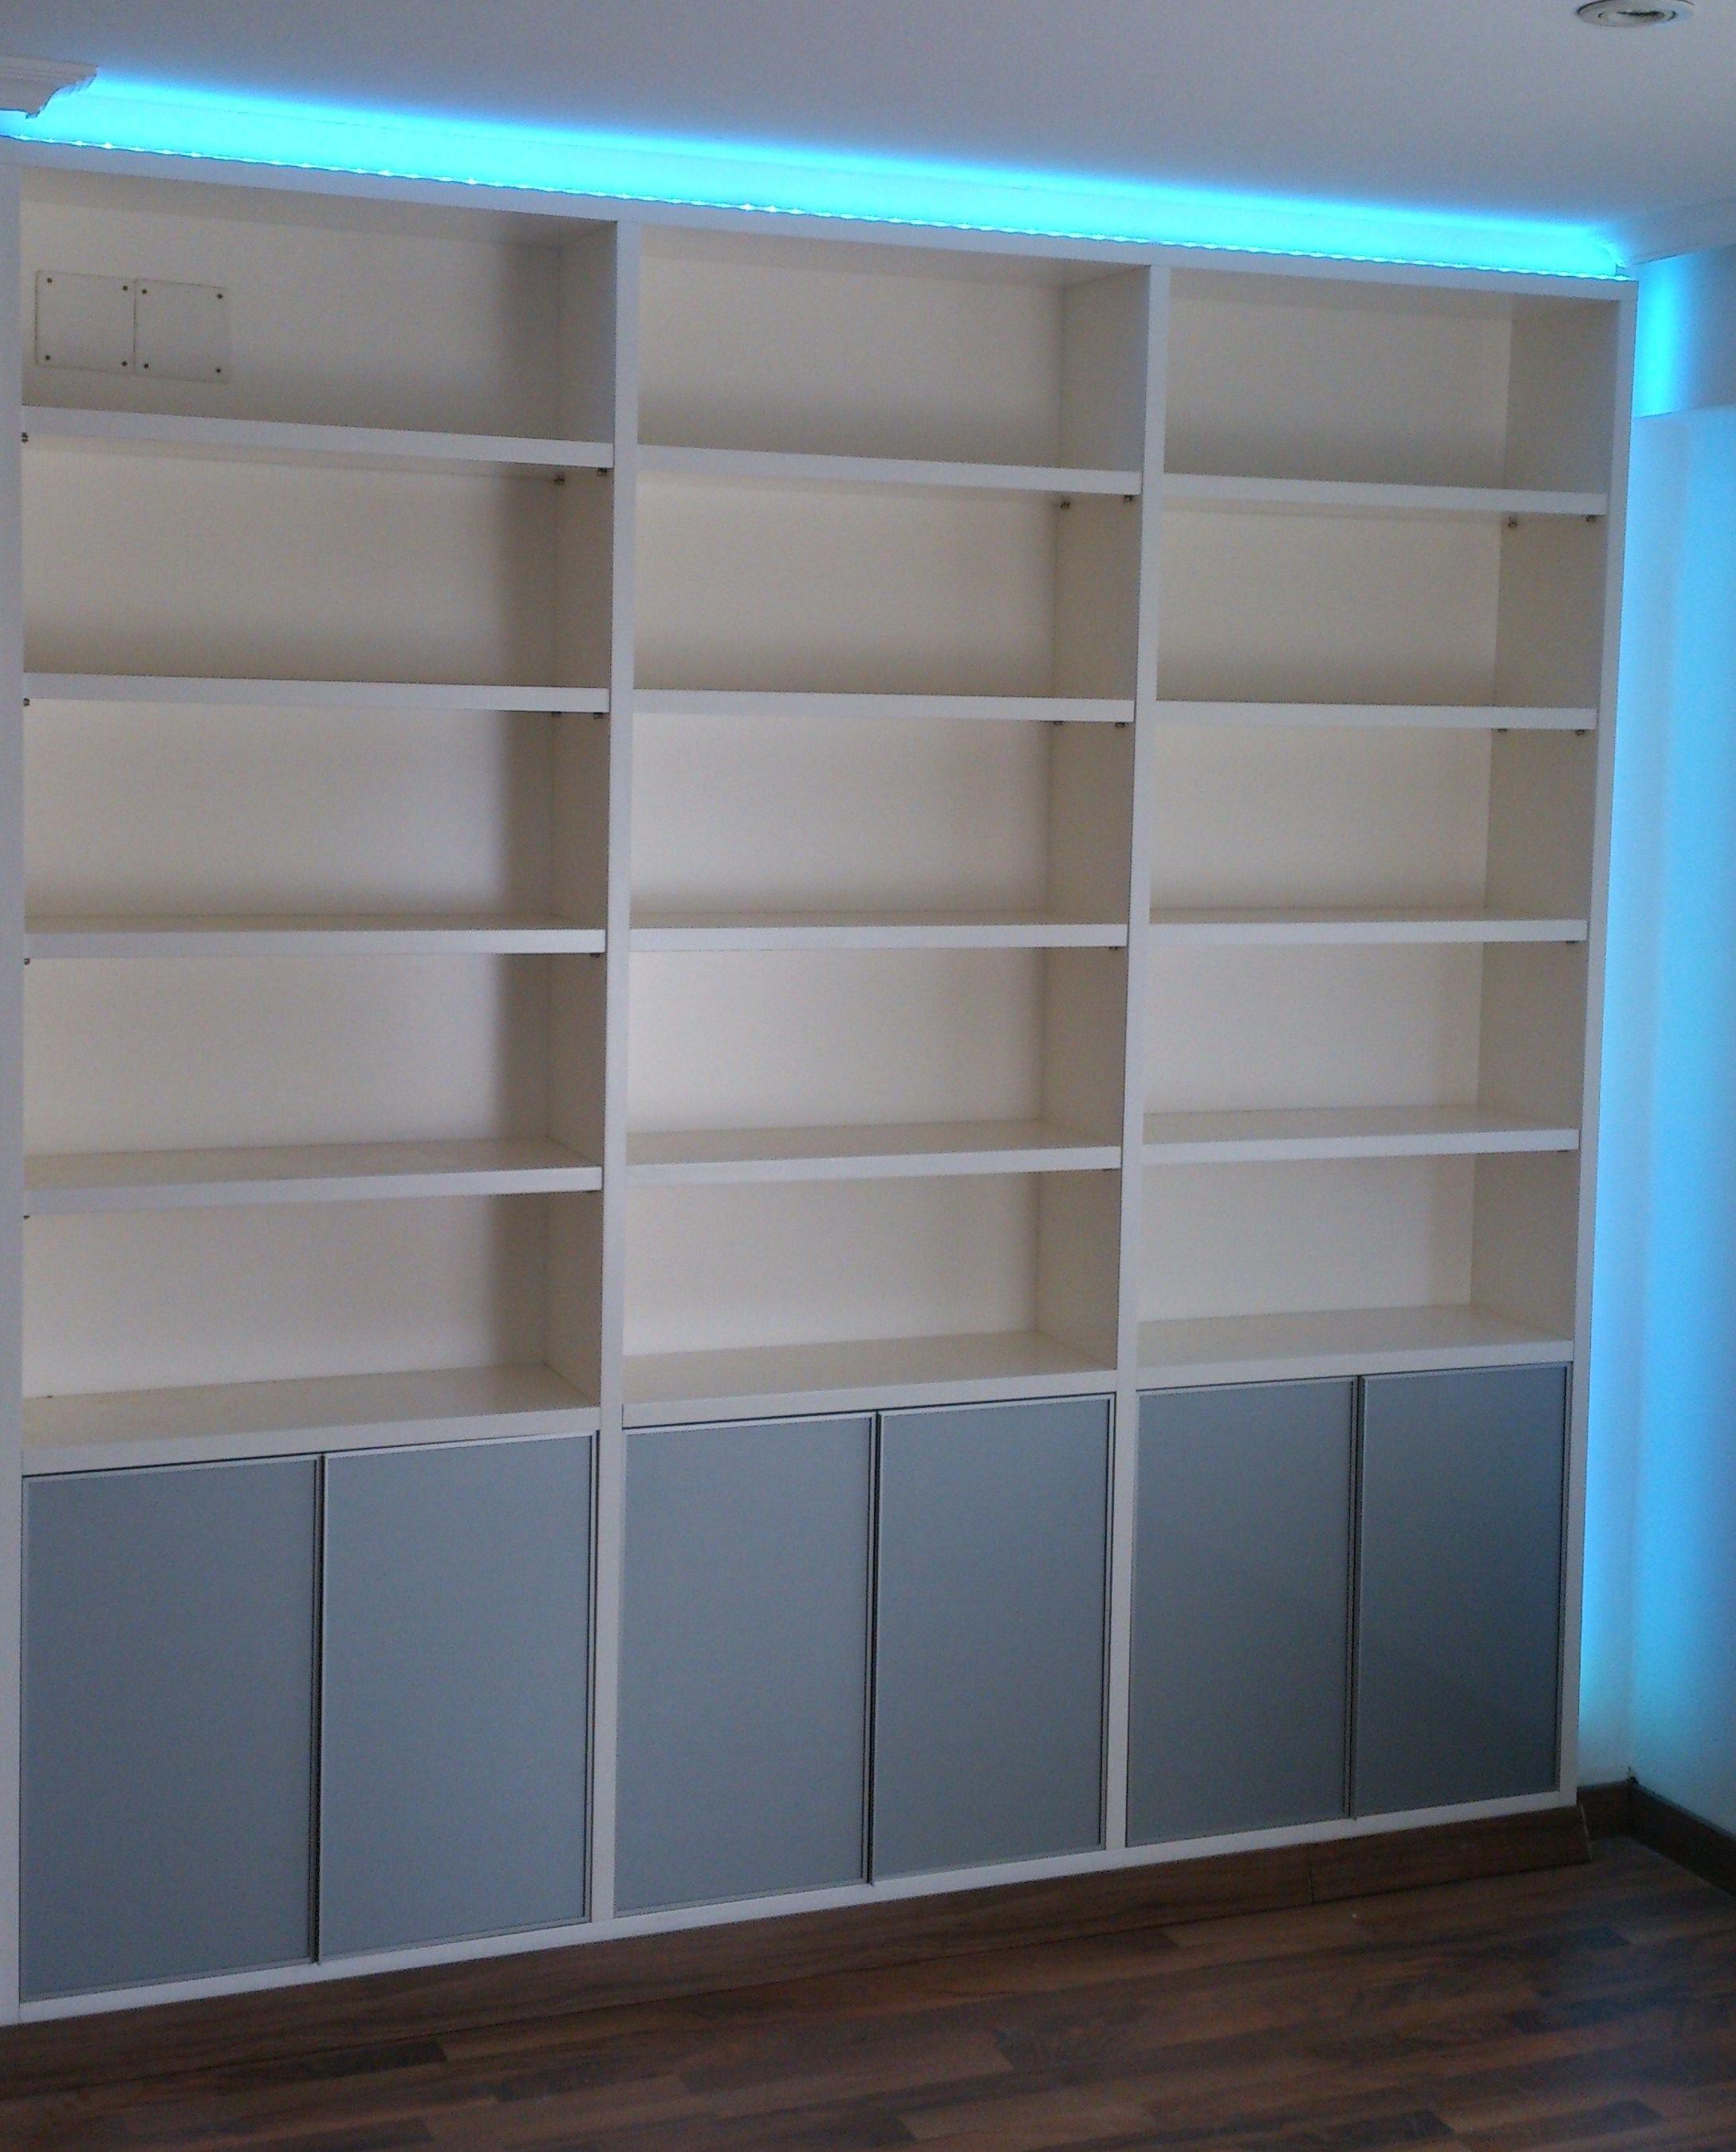 Libreria lacada en Blanco Roto, con puertas inferiores cristal Lacobel Acero y luz indirecta con Leeds RGB de colores